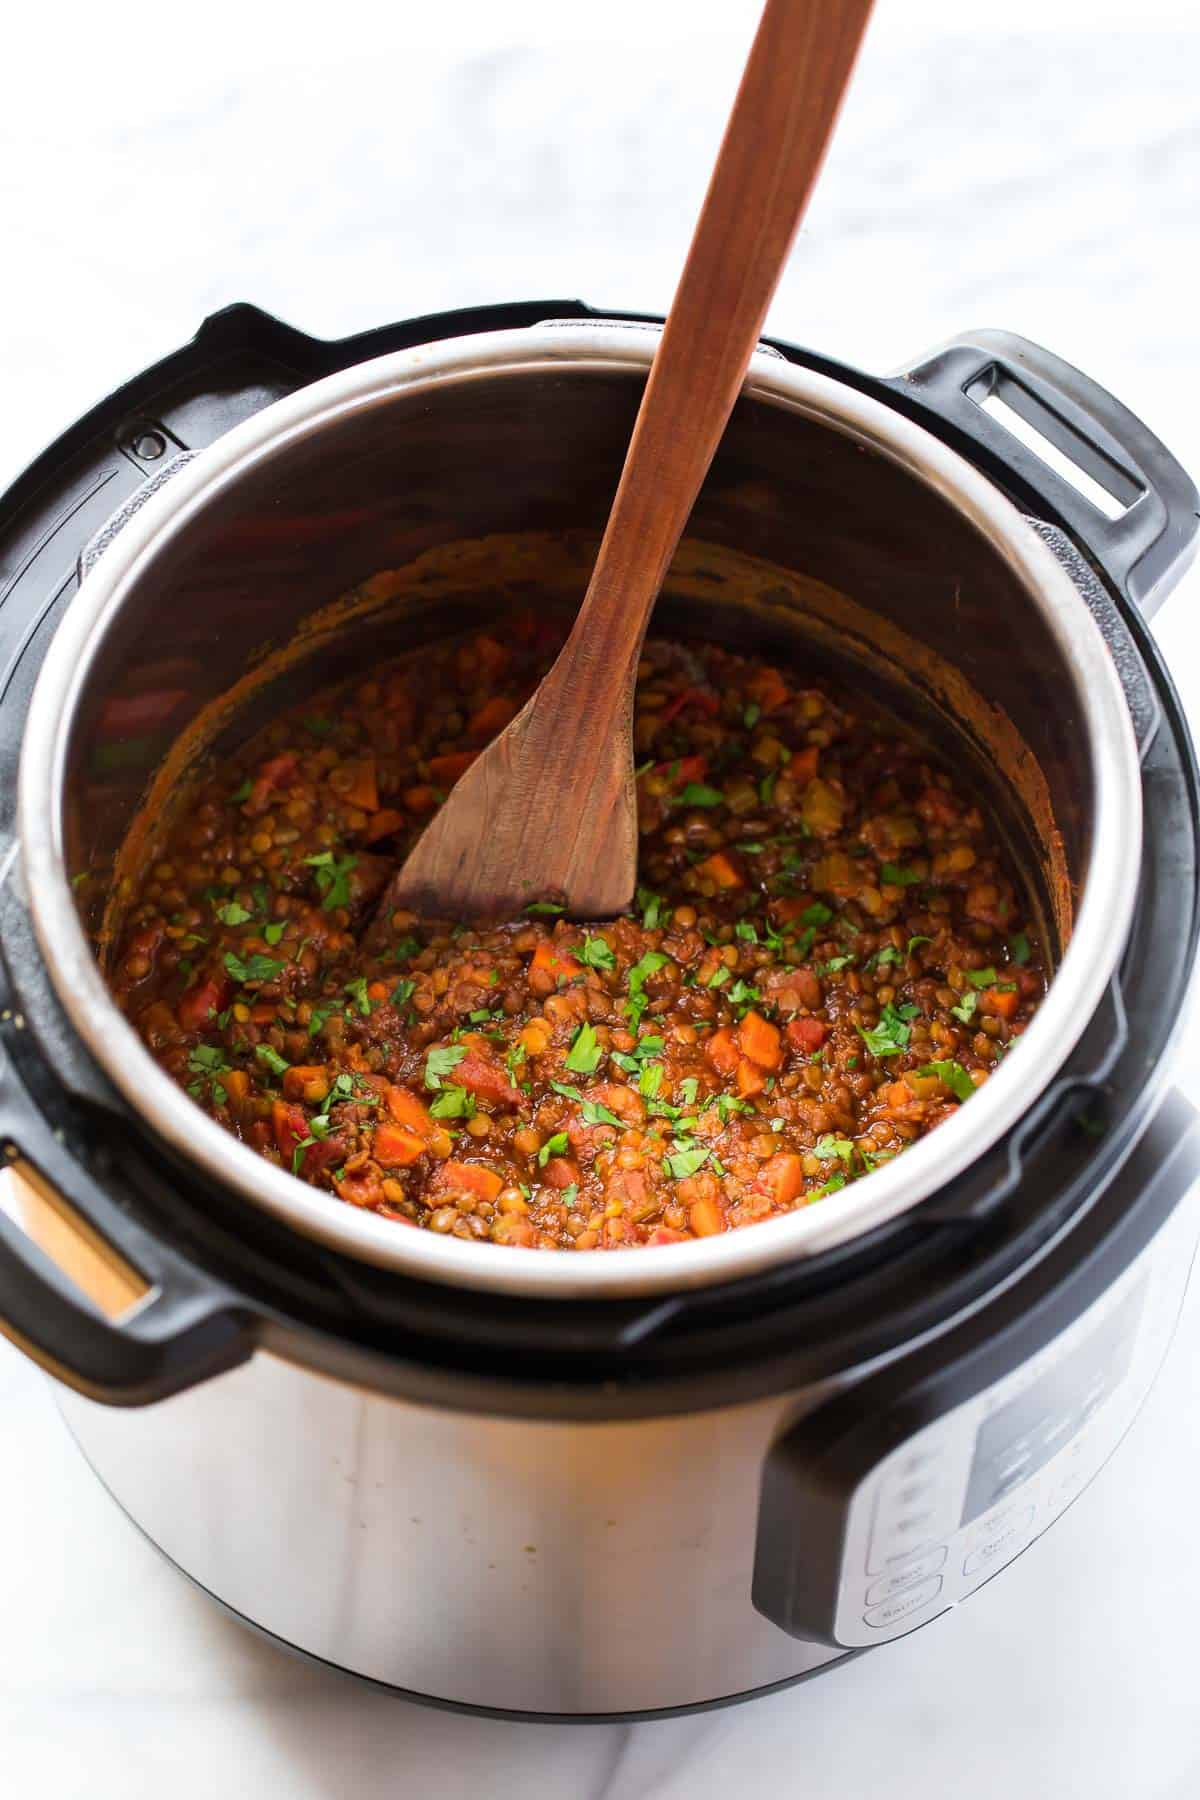 10 Healthy Fall Instant Pot Recipes